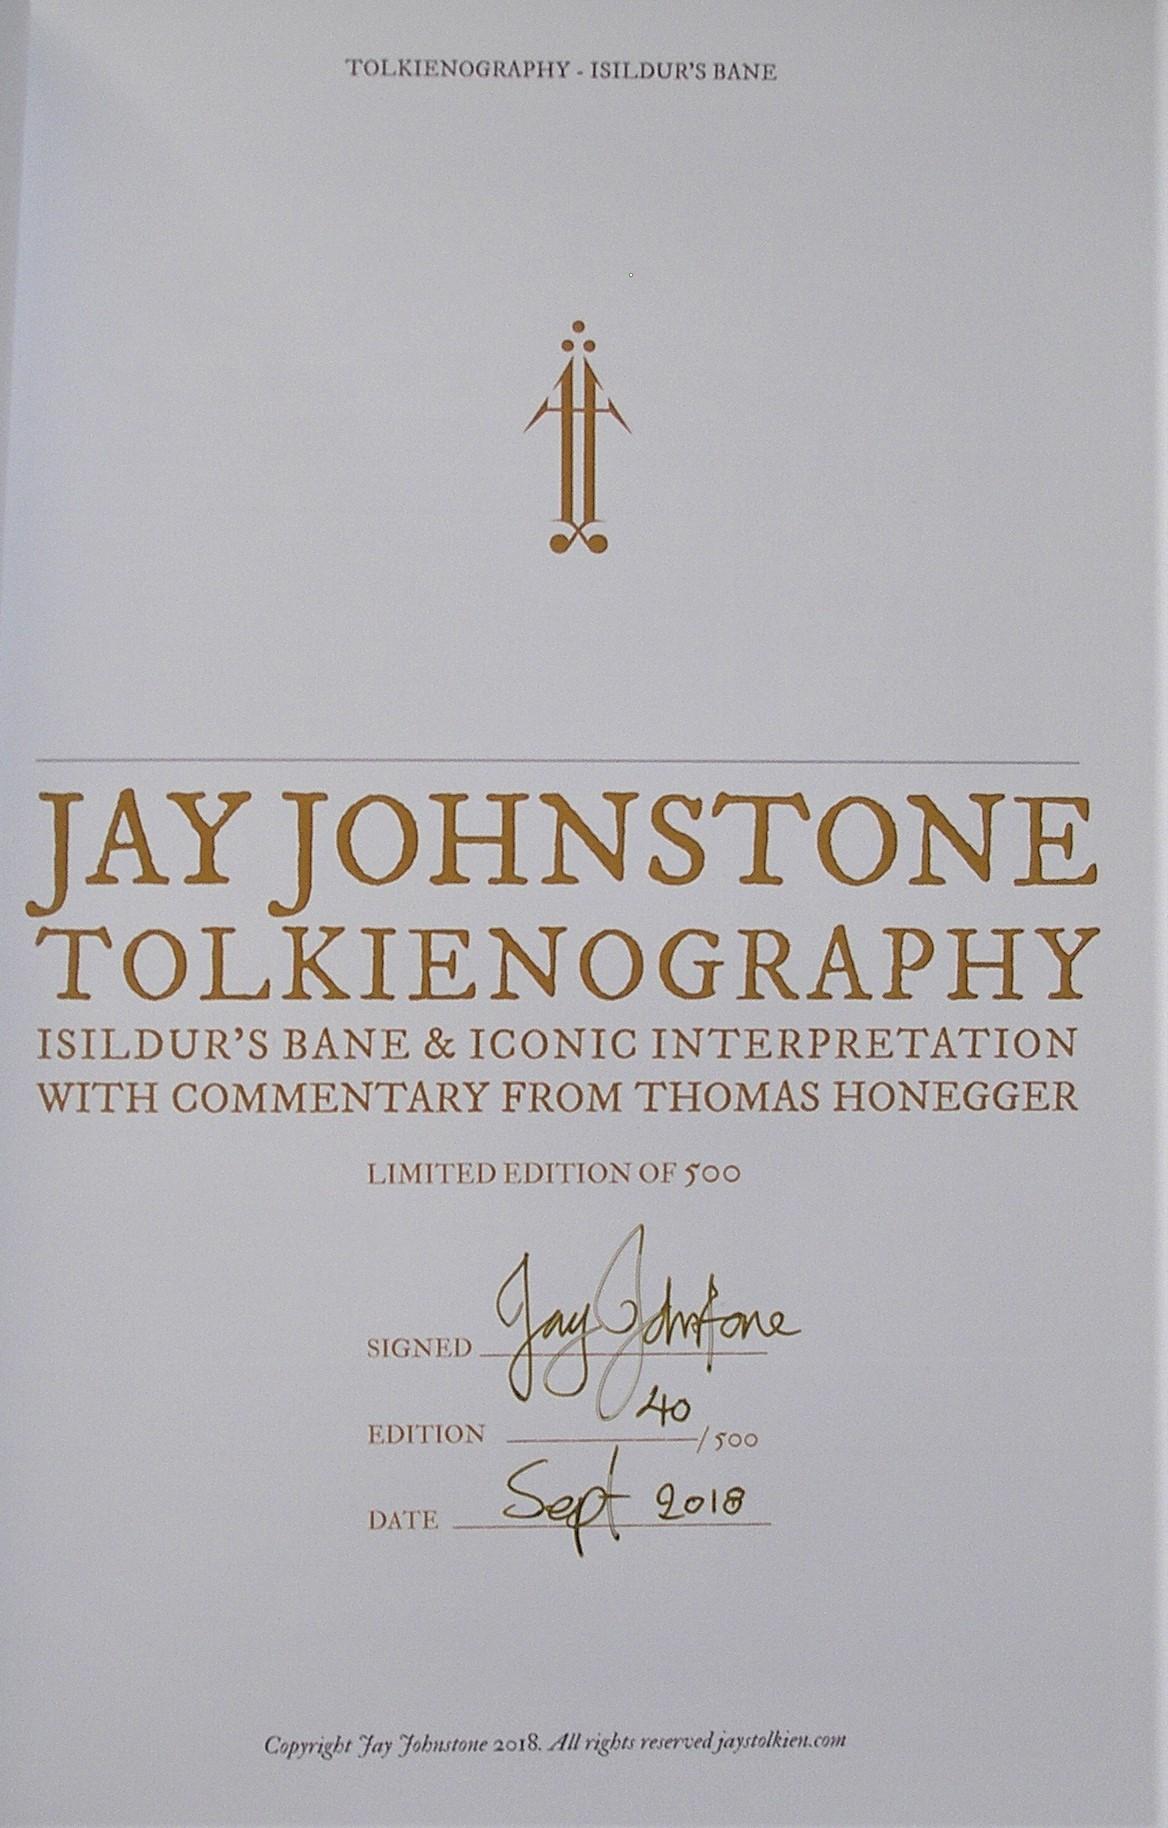 Jay Johnstone2